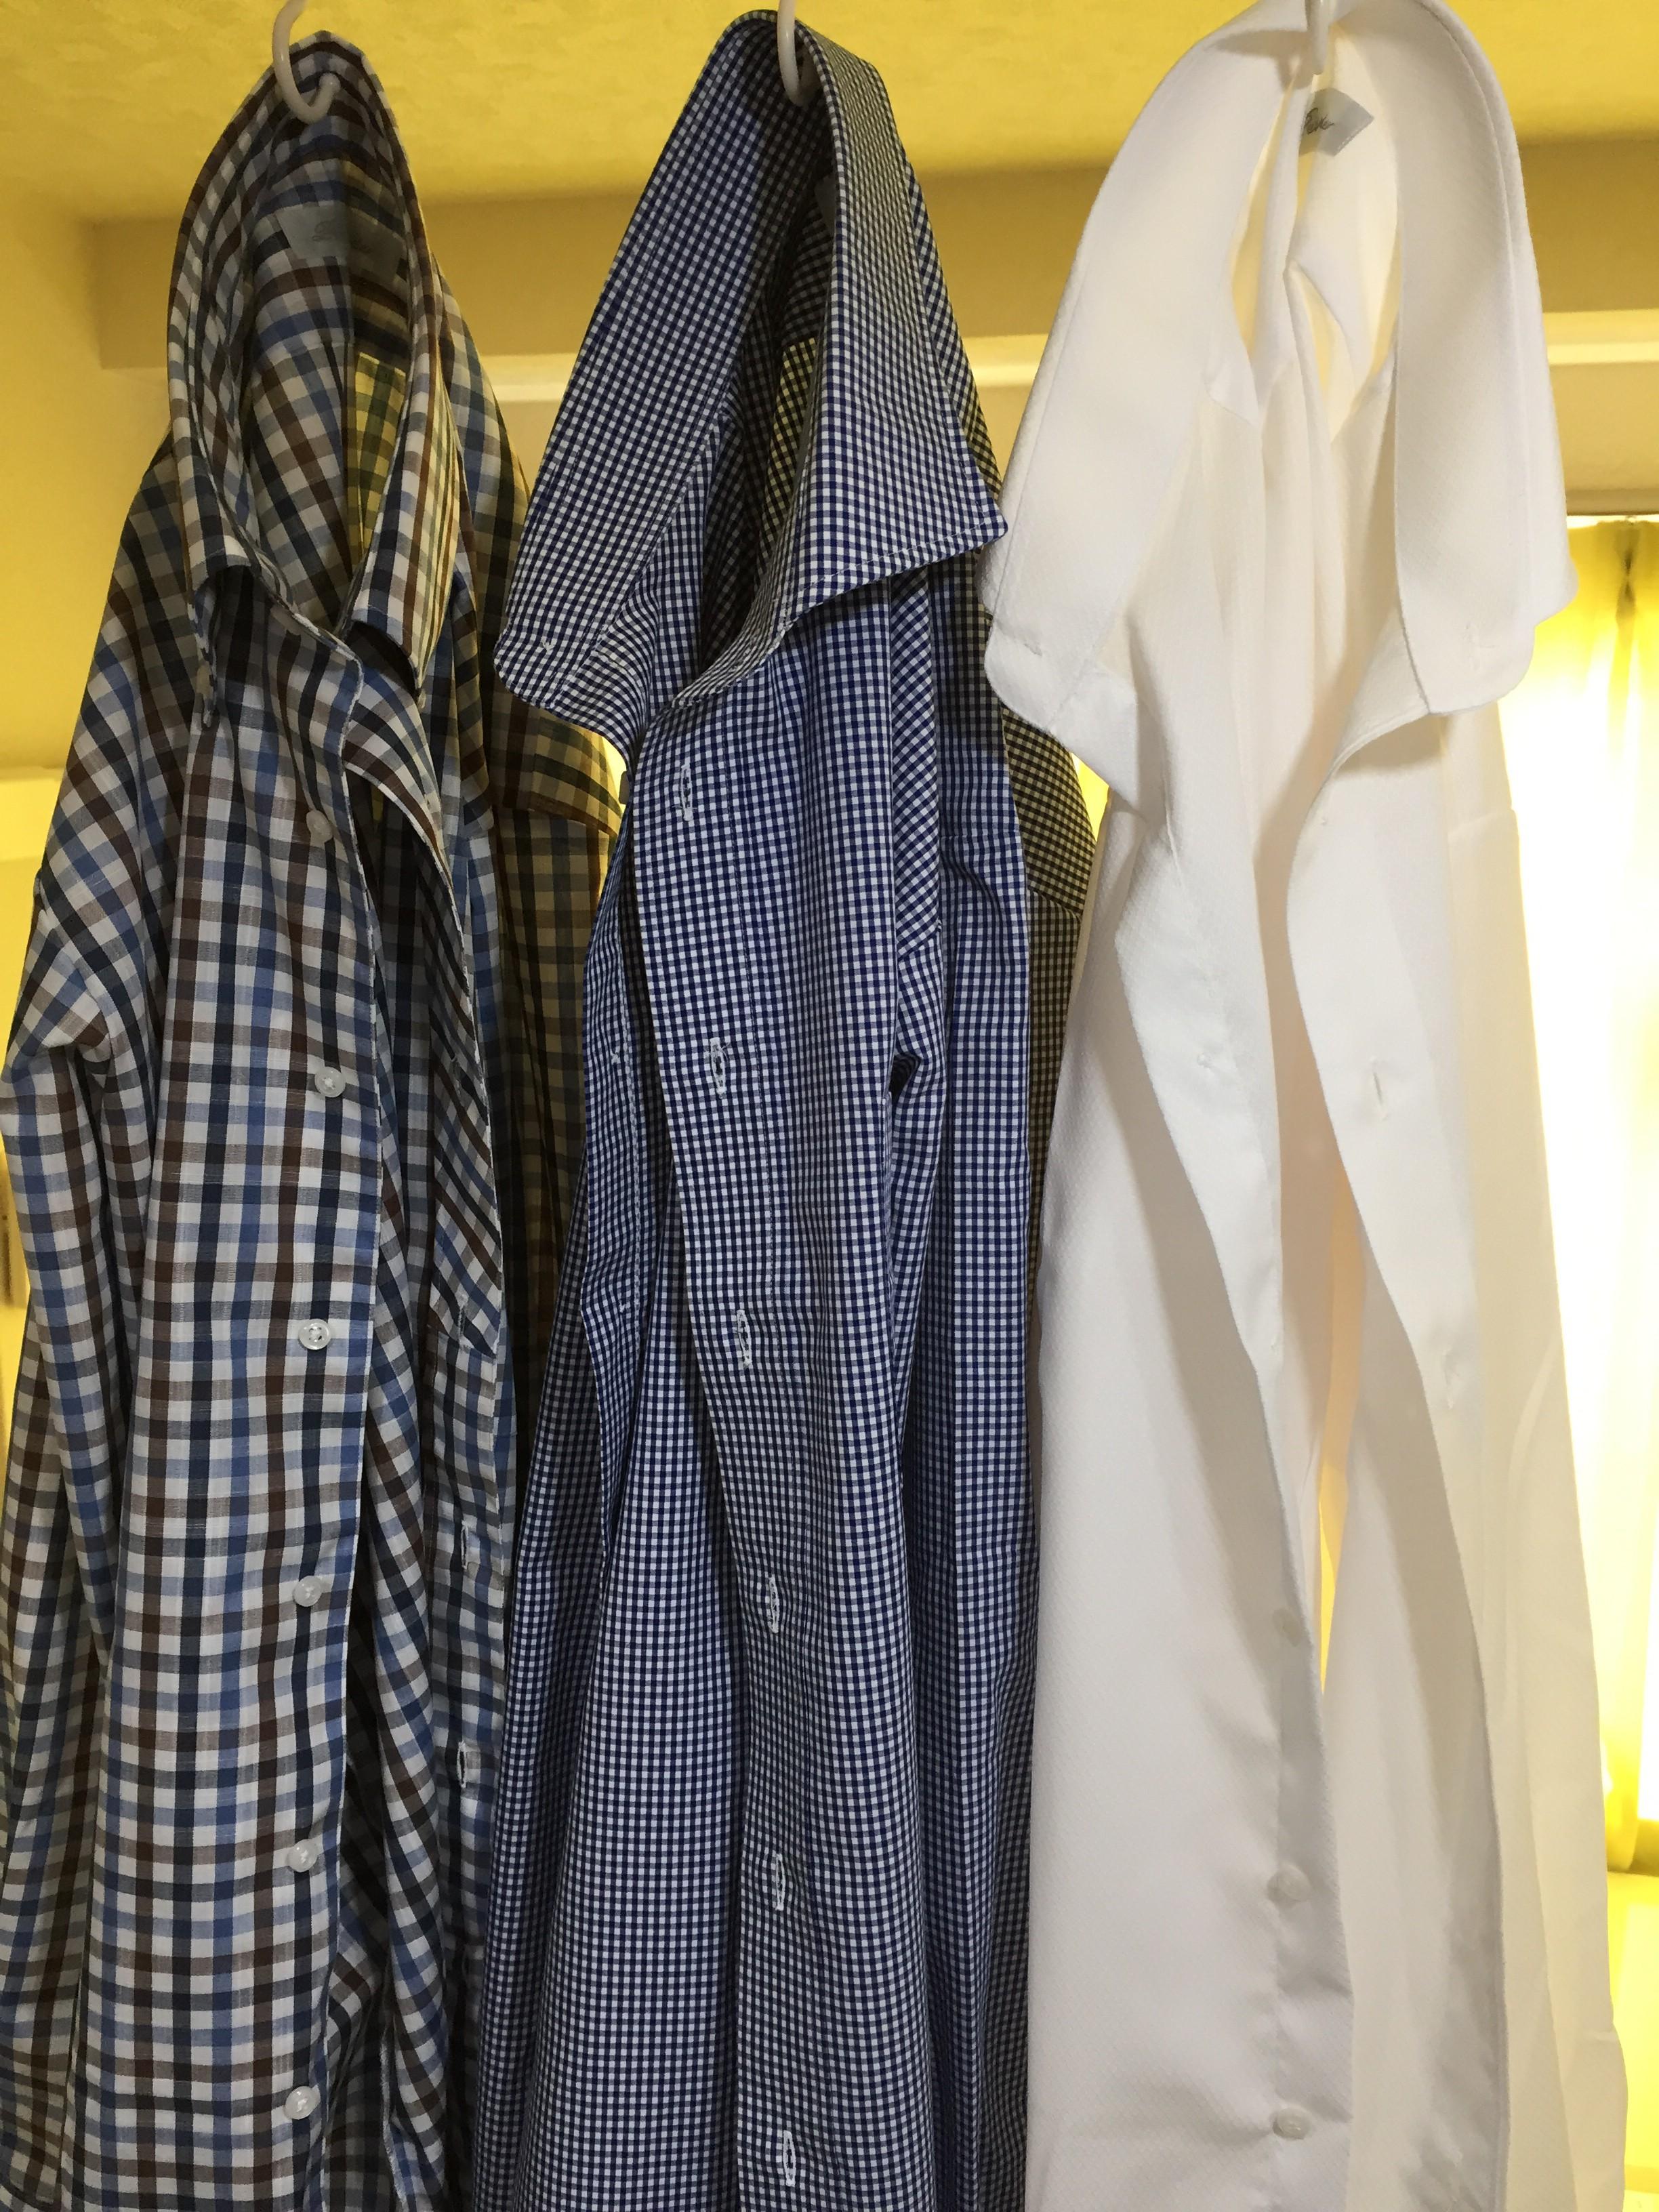 ドレスシャツのエリのキーパーは外して洗いましょう!